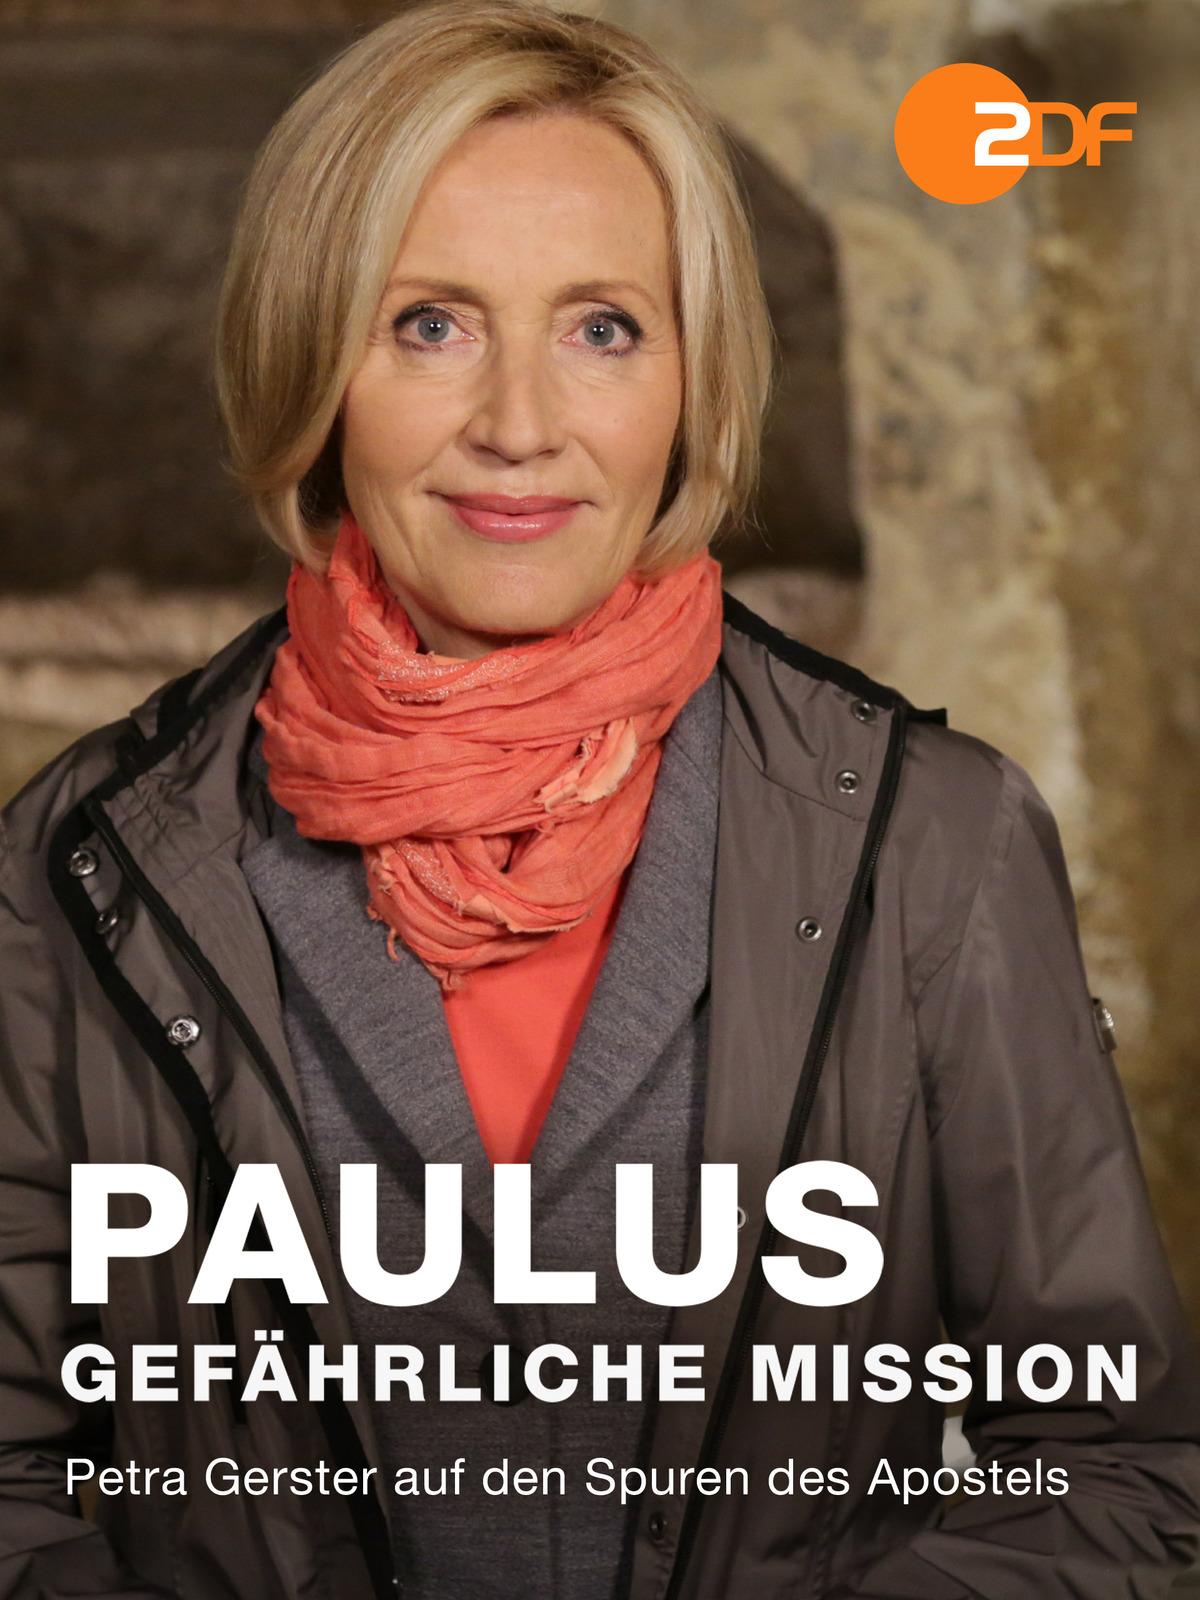 Paulus: Gefährliche Mission - Petra Gerster auf den Spuren des Apostels